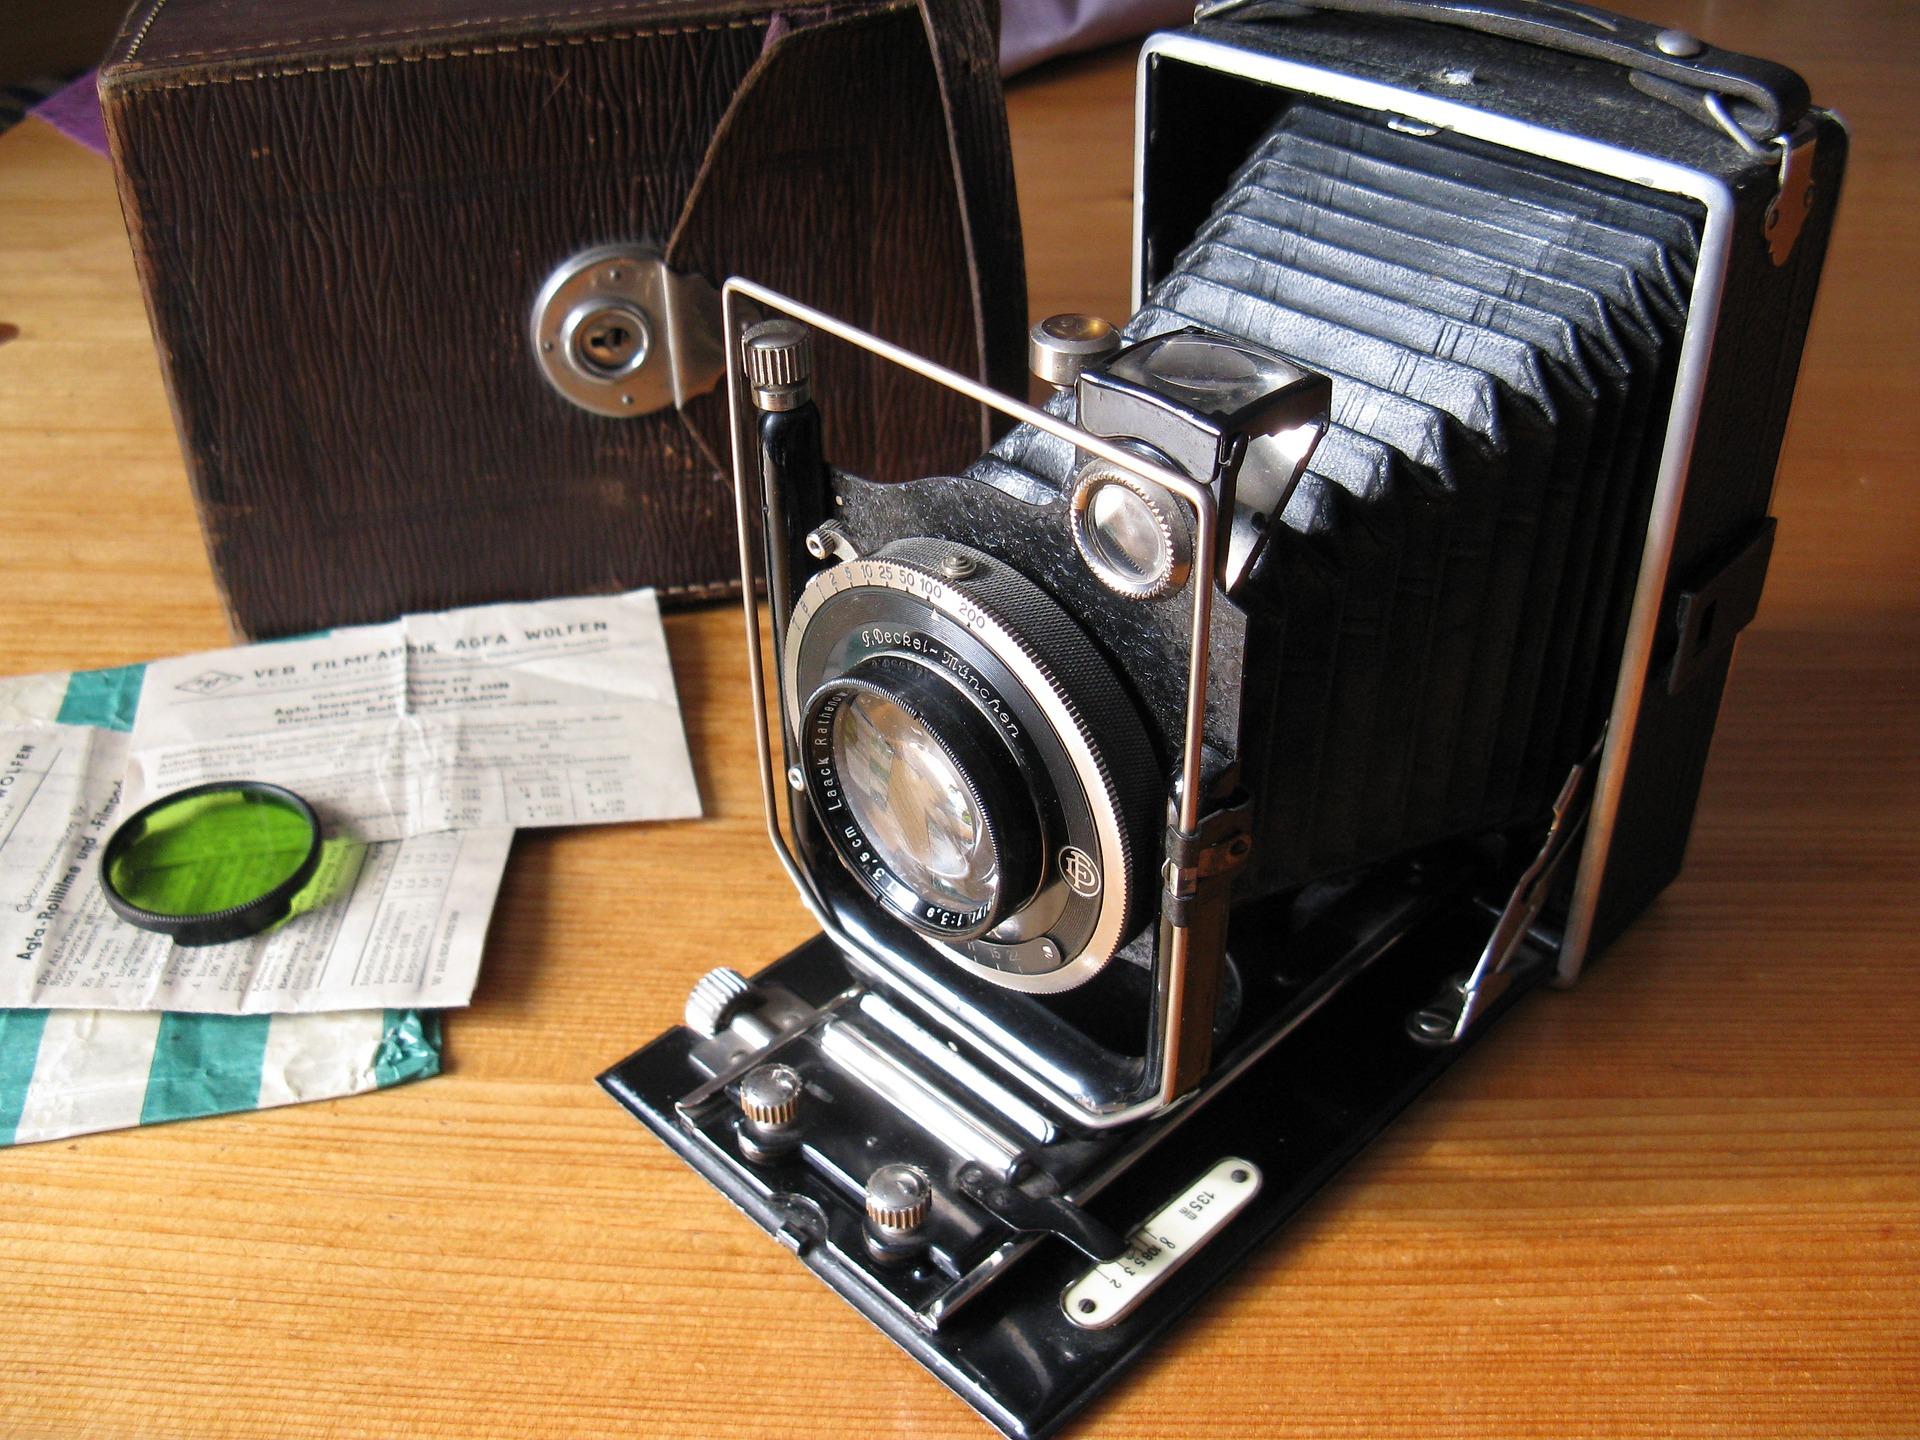 camara, Vintage, vieux, caappareil photosouvenirs, photographie - Fonds d'écran HD - Professor-falken.com